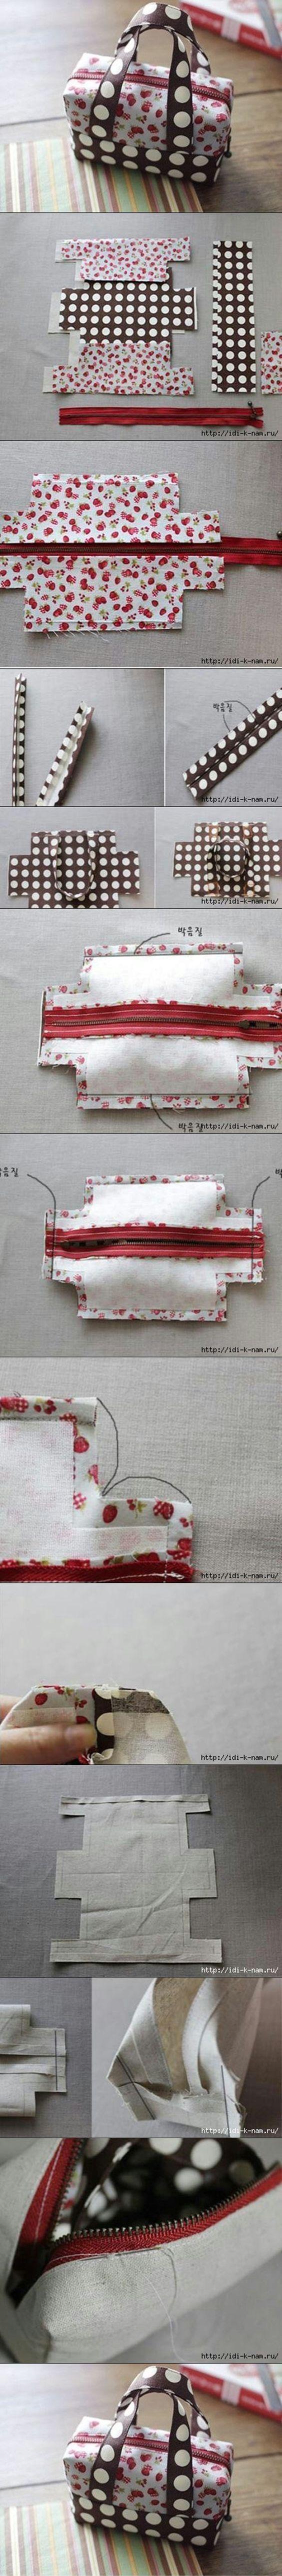 Bitte besuchen Sie unsere Website für weitere Informationen Geldbörsen und Taschen 🛍️   Niedliche Mini-Stoff-Tasche - #Cute #Fabric #mini #sac #Tote